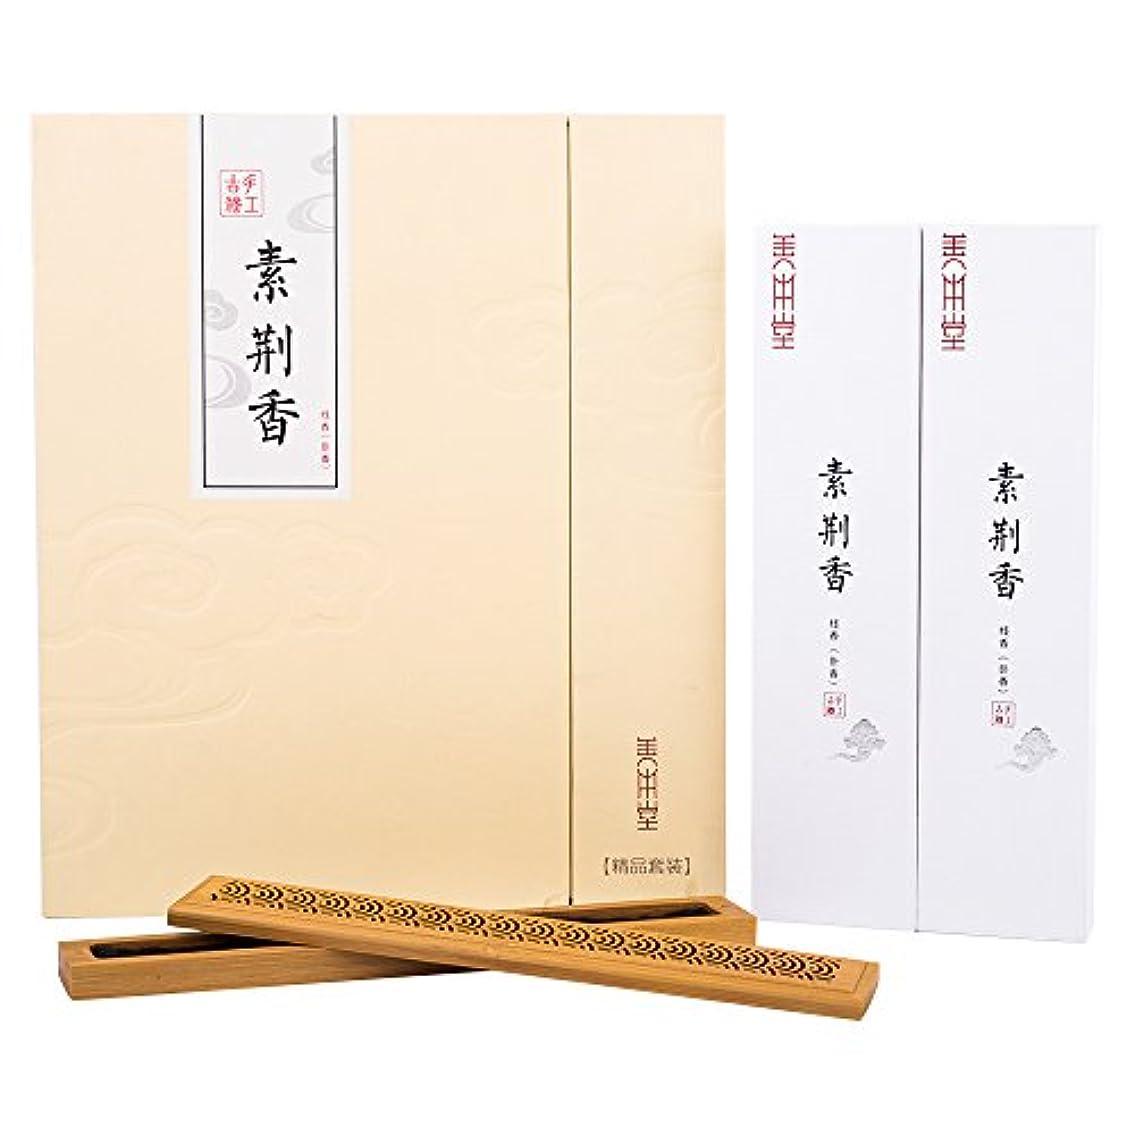 アジア化合物画像shanbentang Incense Sticks、純粋な自然Incense Stickハンドメイド、NO化学追加され、プレミアムギフト梱包with Wooden Incense Burner